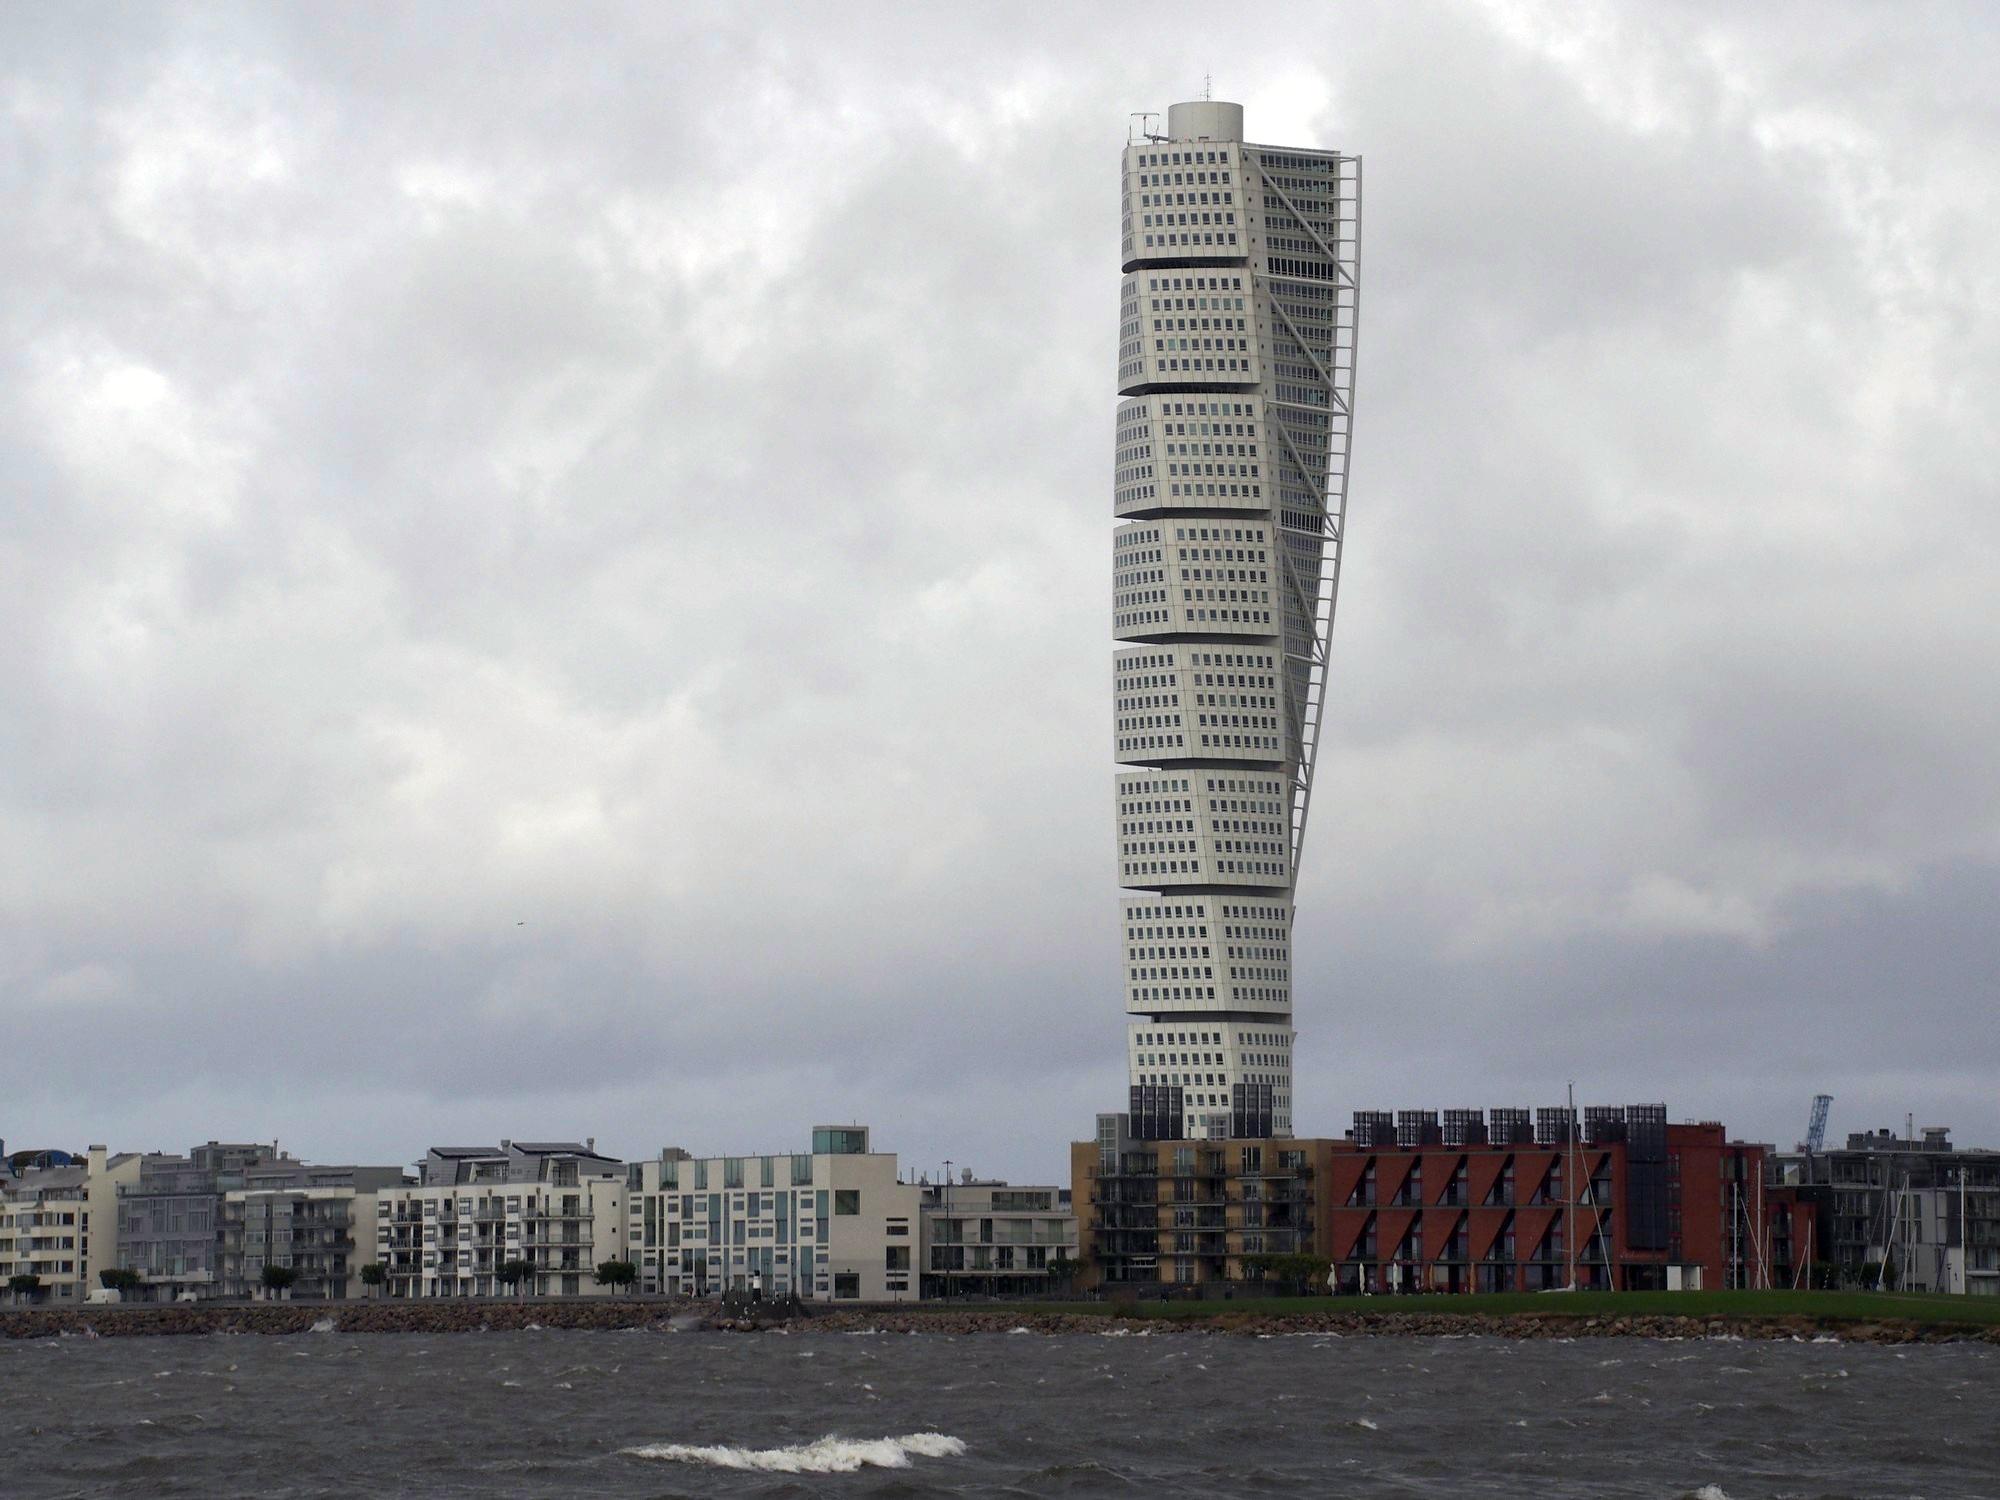 Malmö, Turning Torso